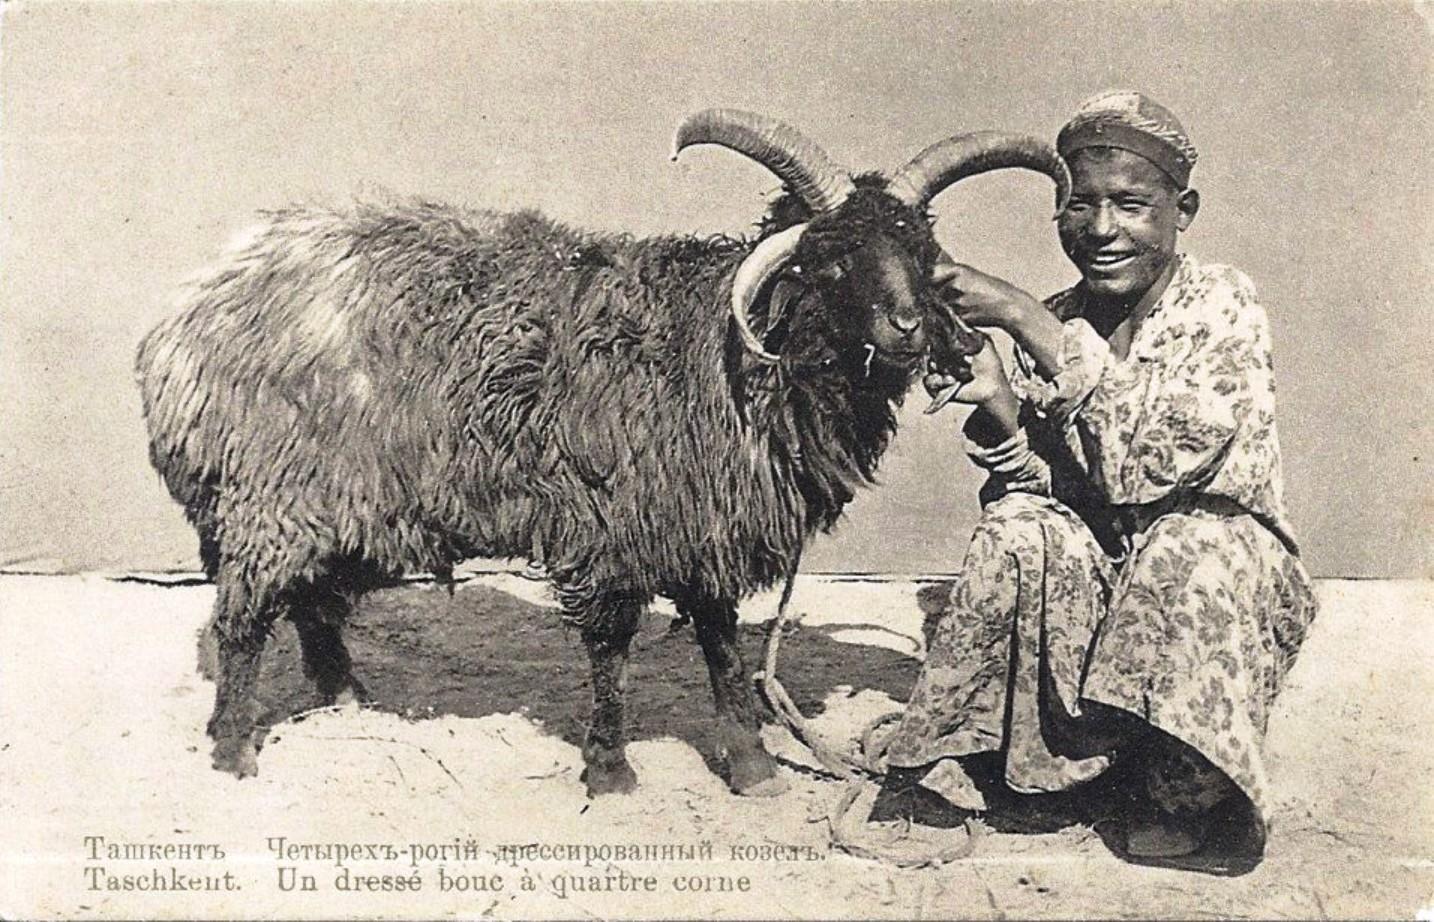 Четырехрогий дрессированный козел